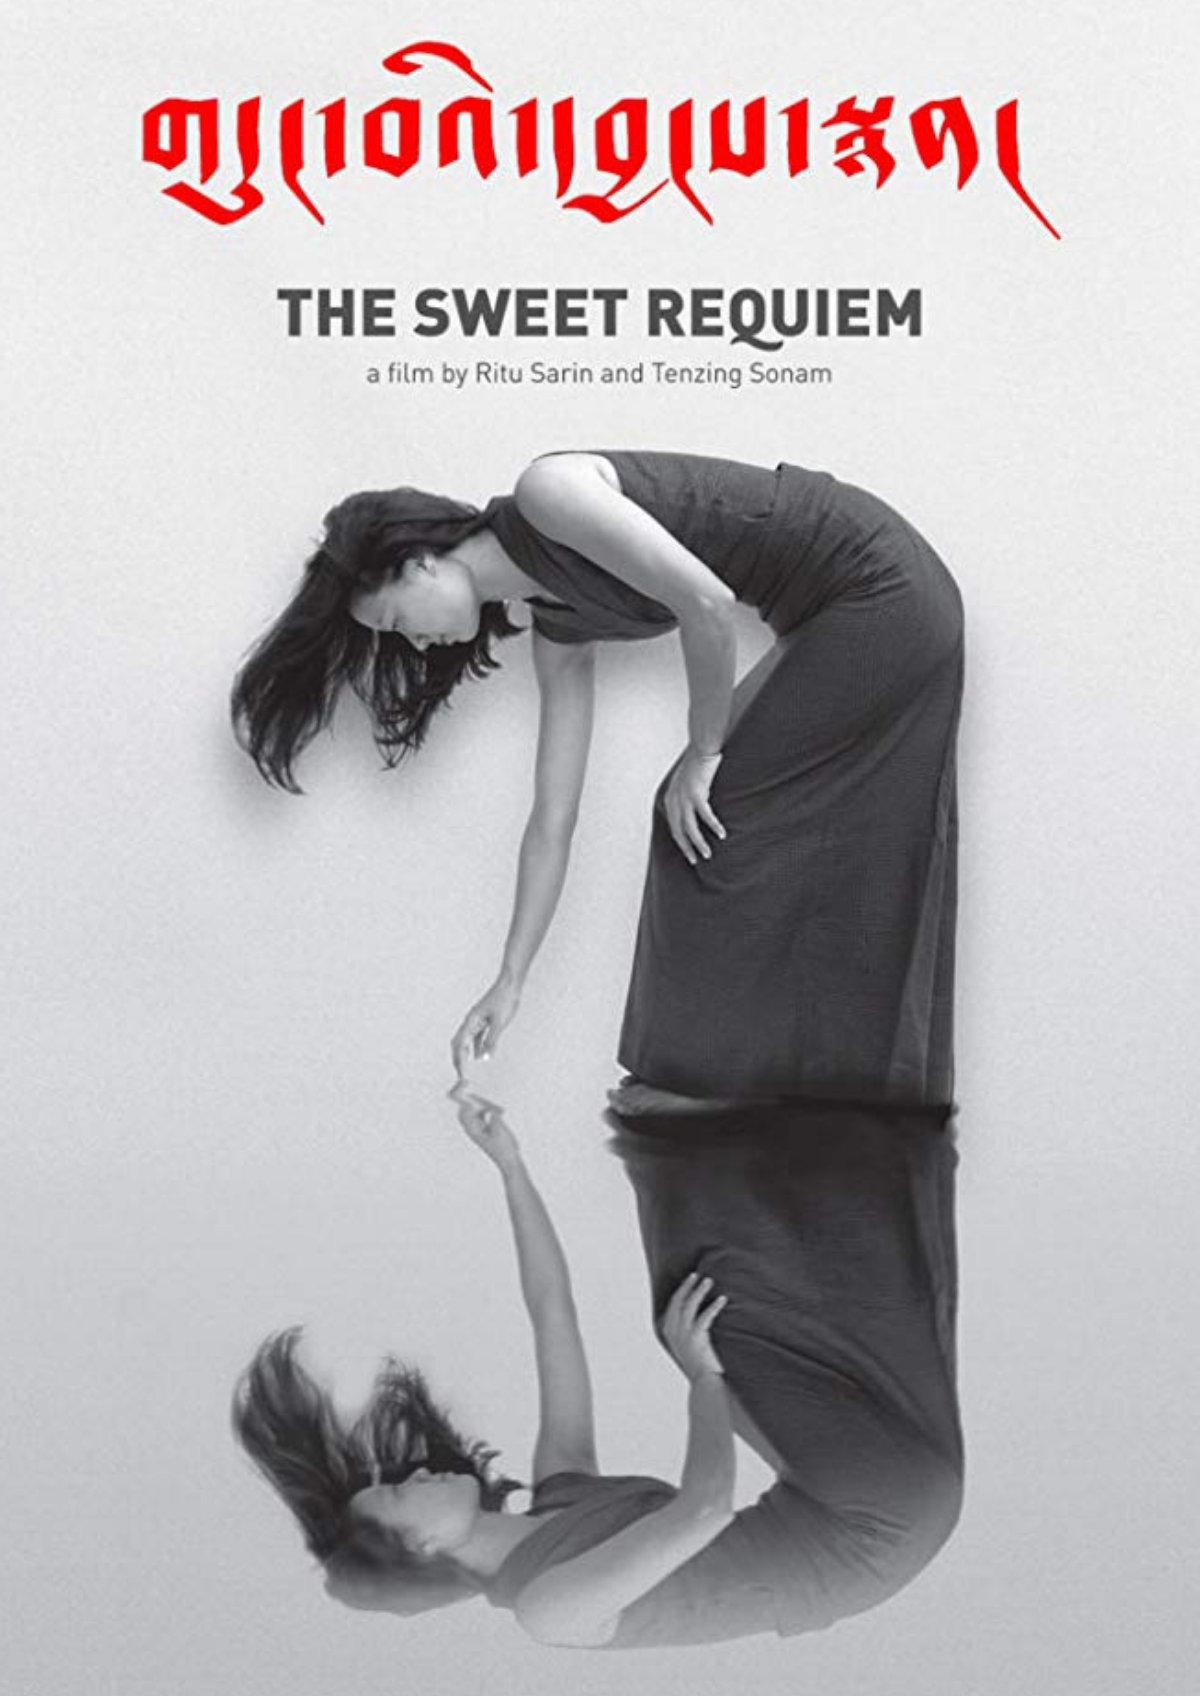 THE SWEET REQUIEM | INDIA | DRAMA